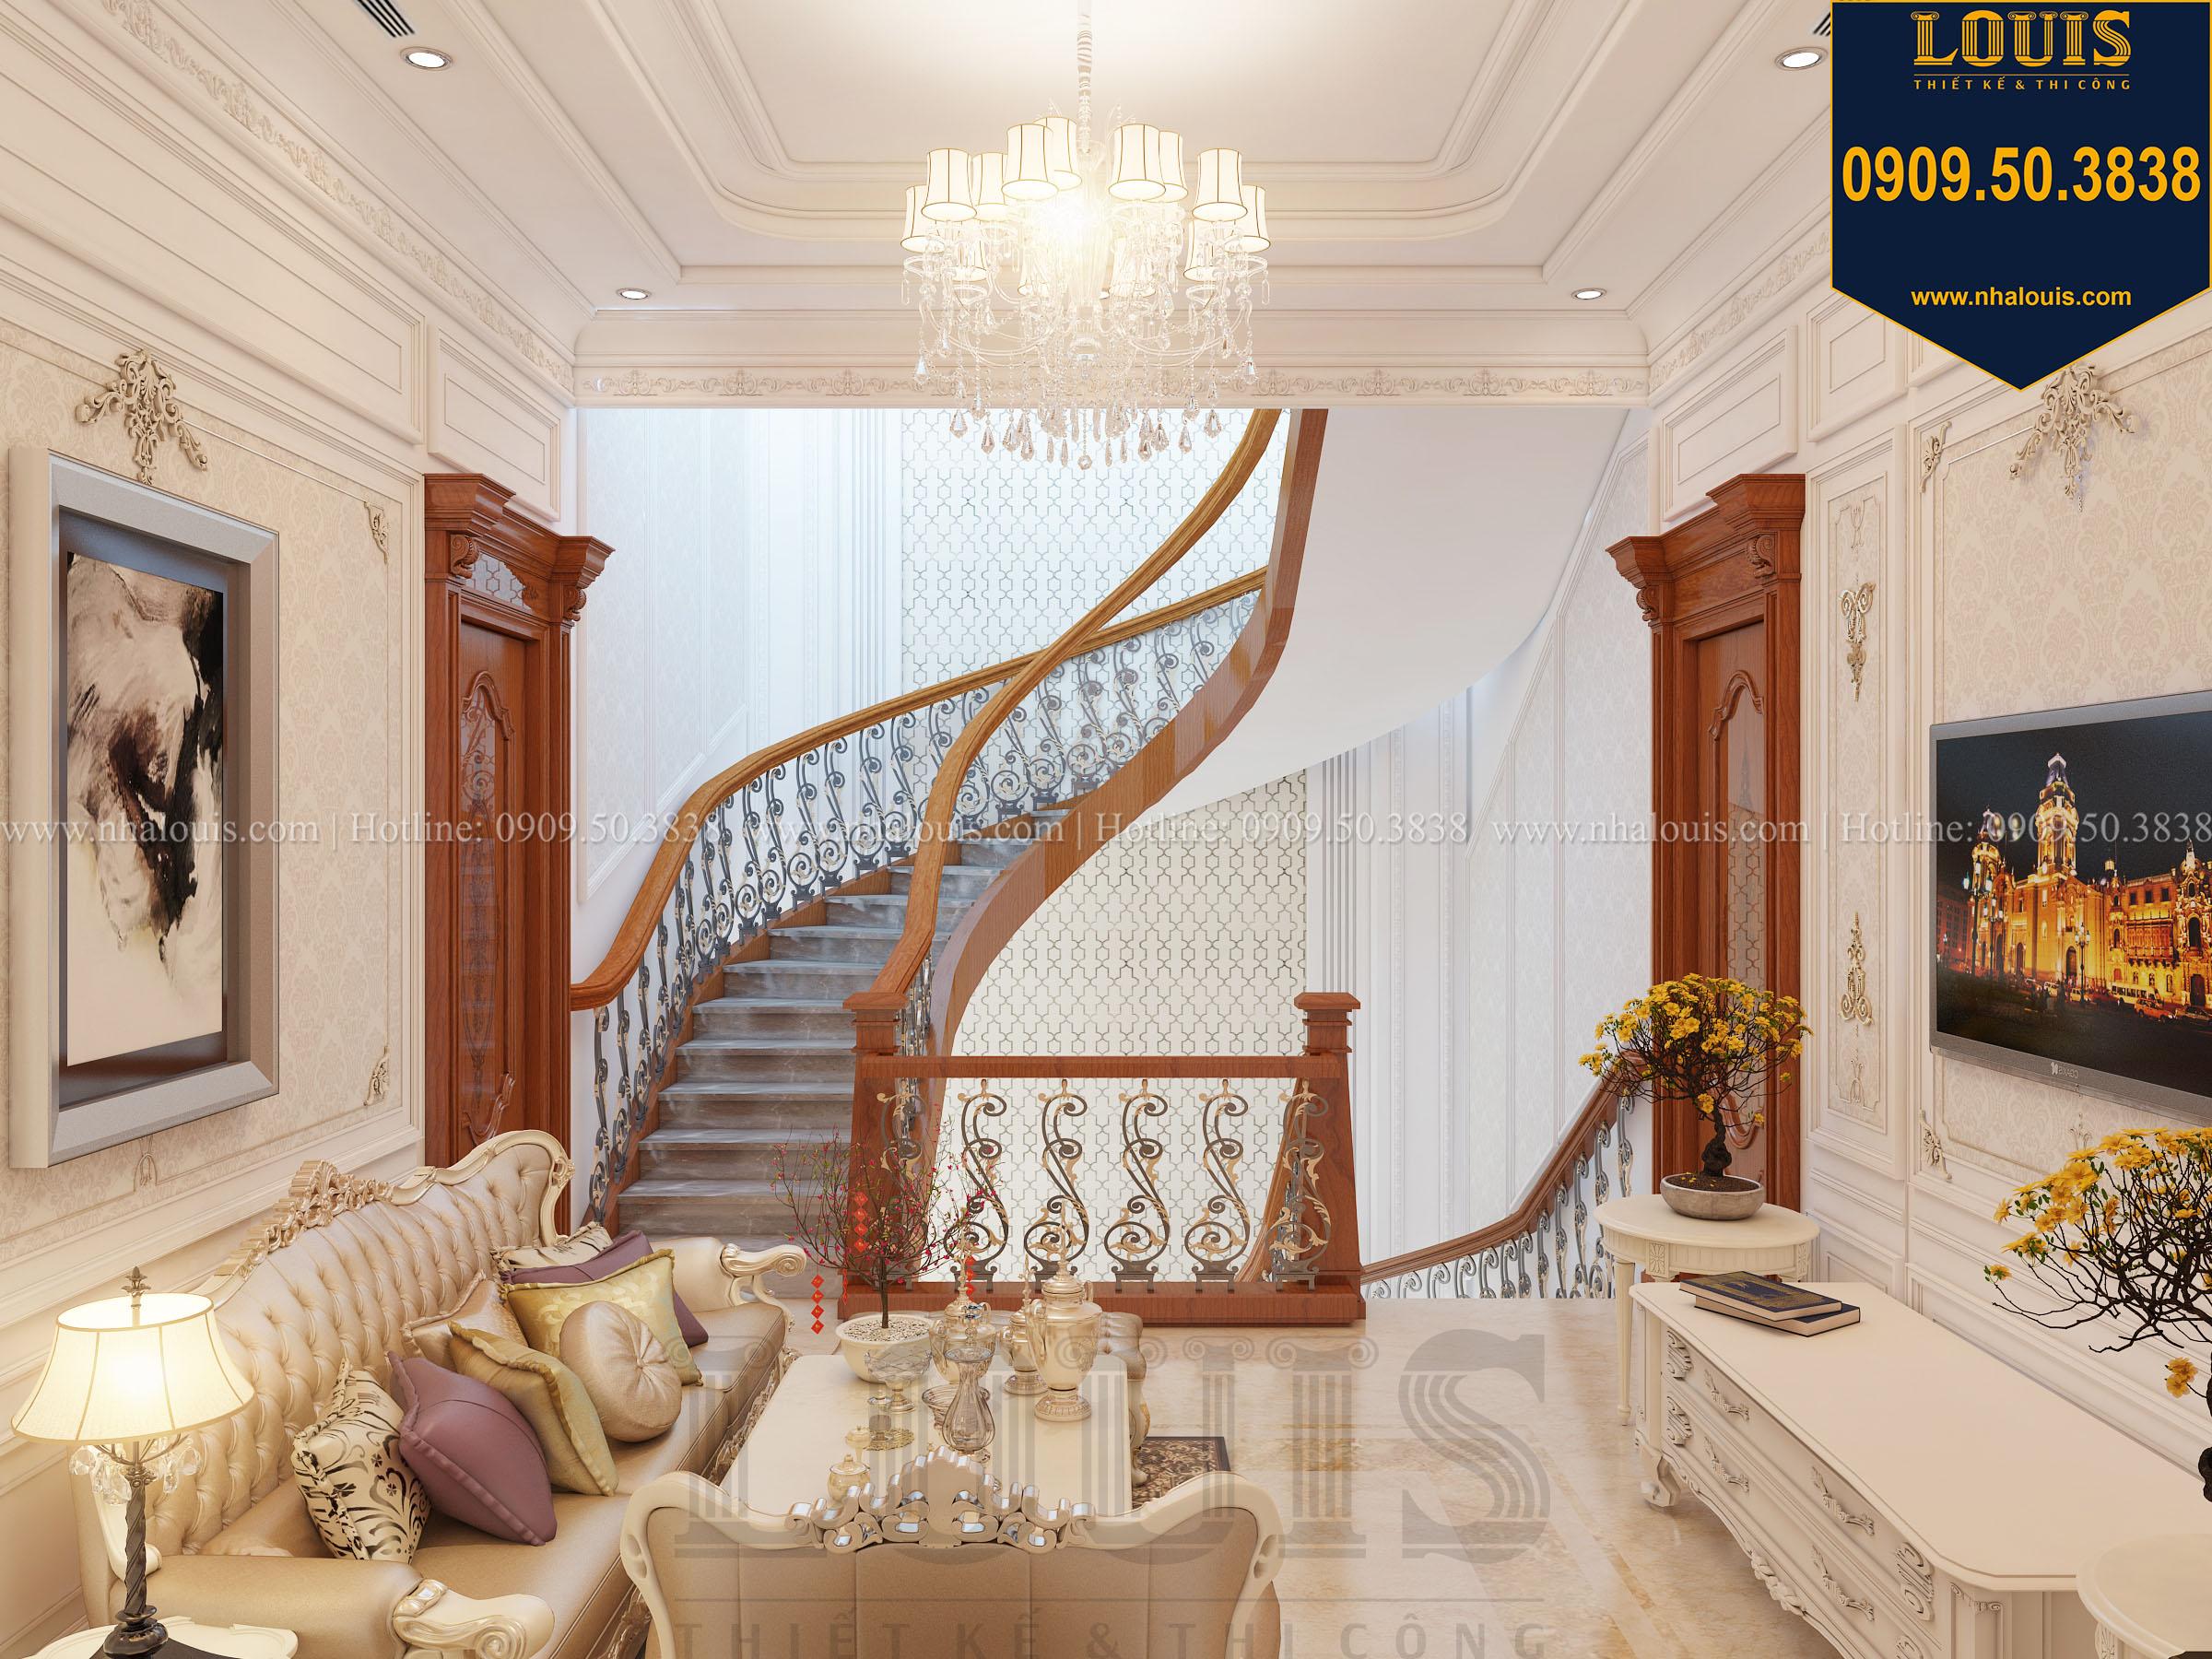 Phòng sinh hoạt chung biệt thự phong cách cổ điển châu Âu - 017